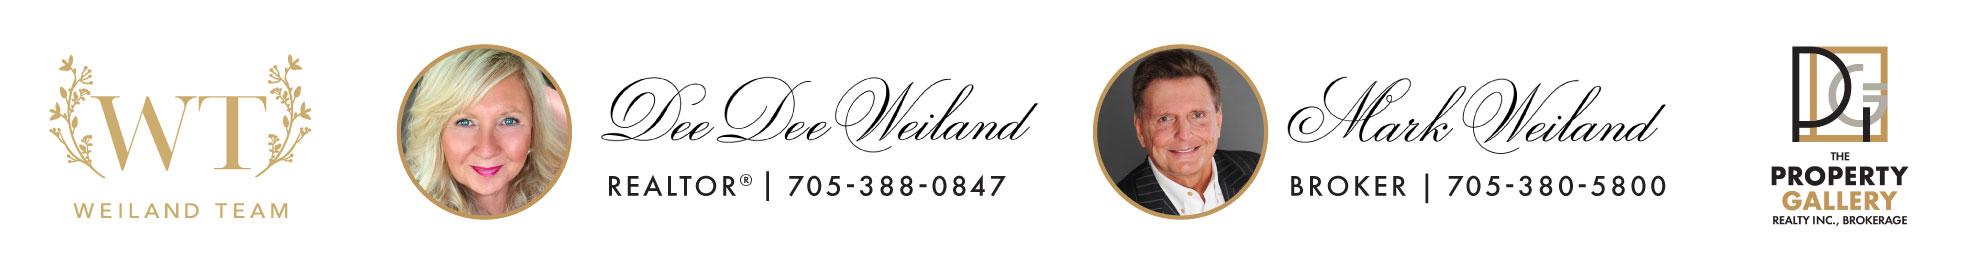 Weiland Team Magazine Banners_Weiland Team